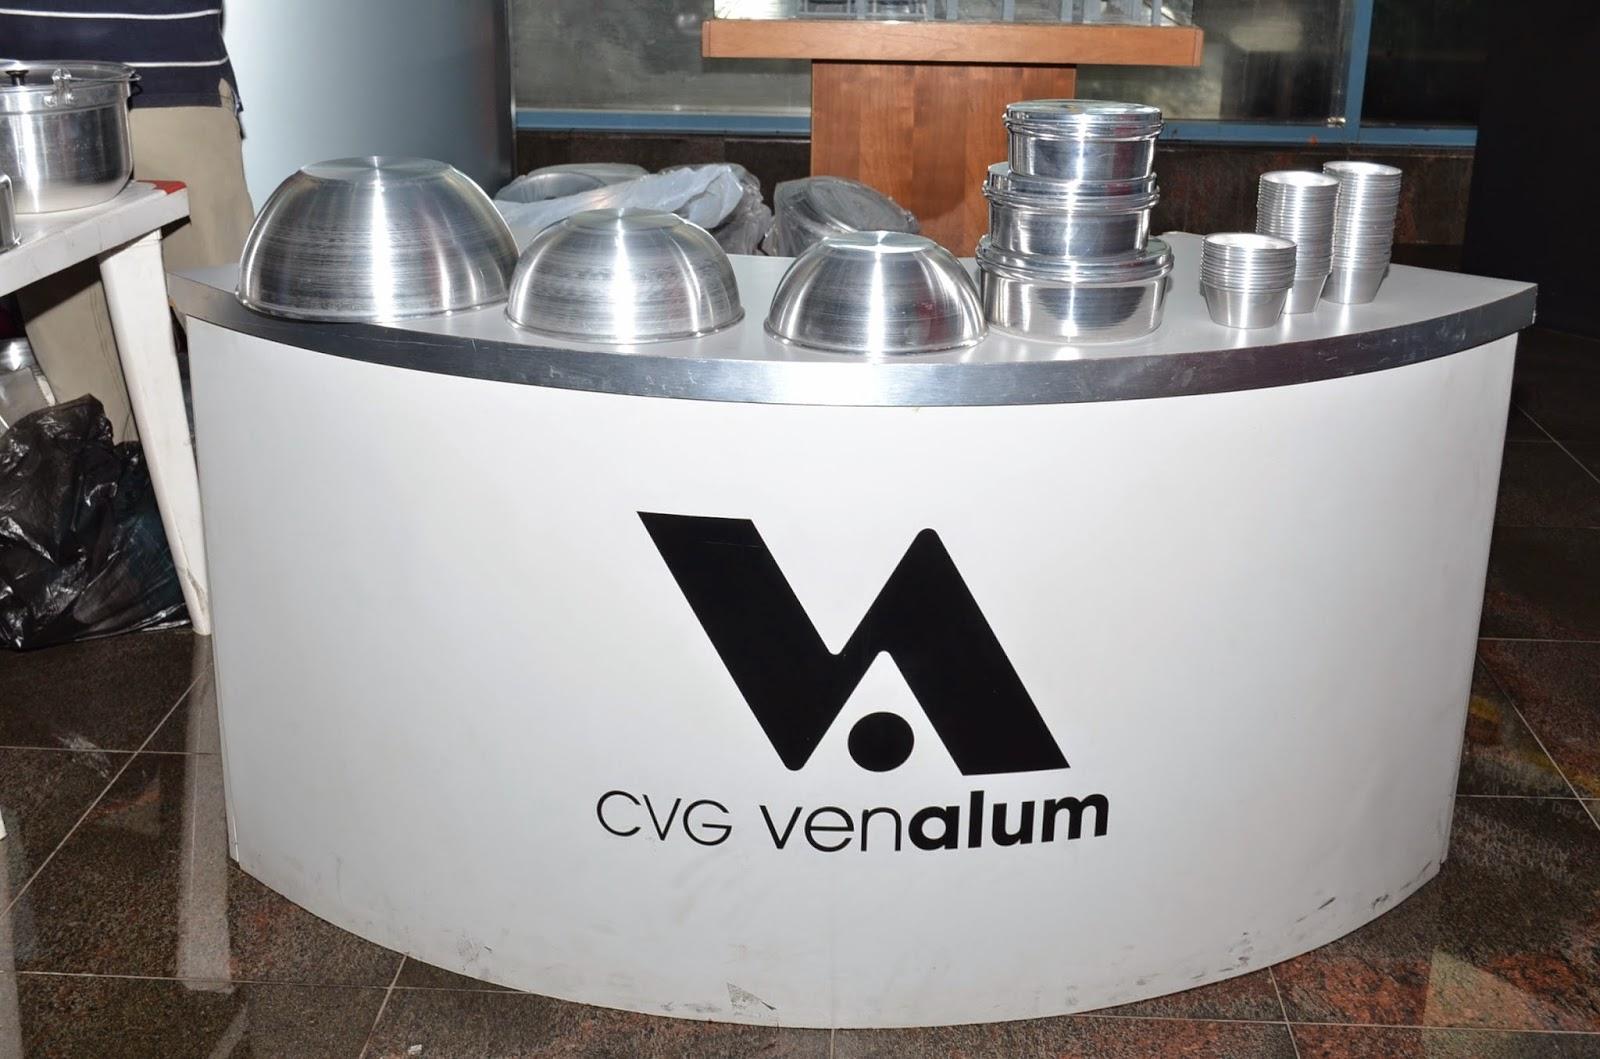 Precios De Articulos De Cocina Of Venalum Trabajadores De Cvg Venalum Adquirieron Art Culos